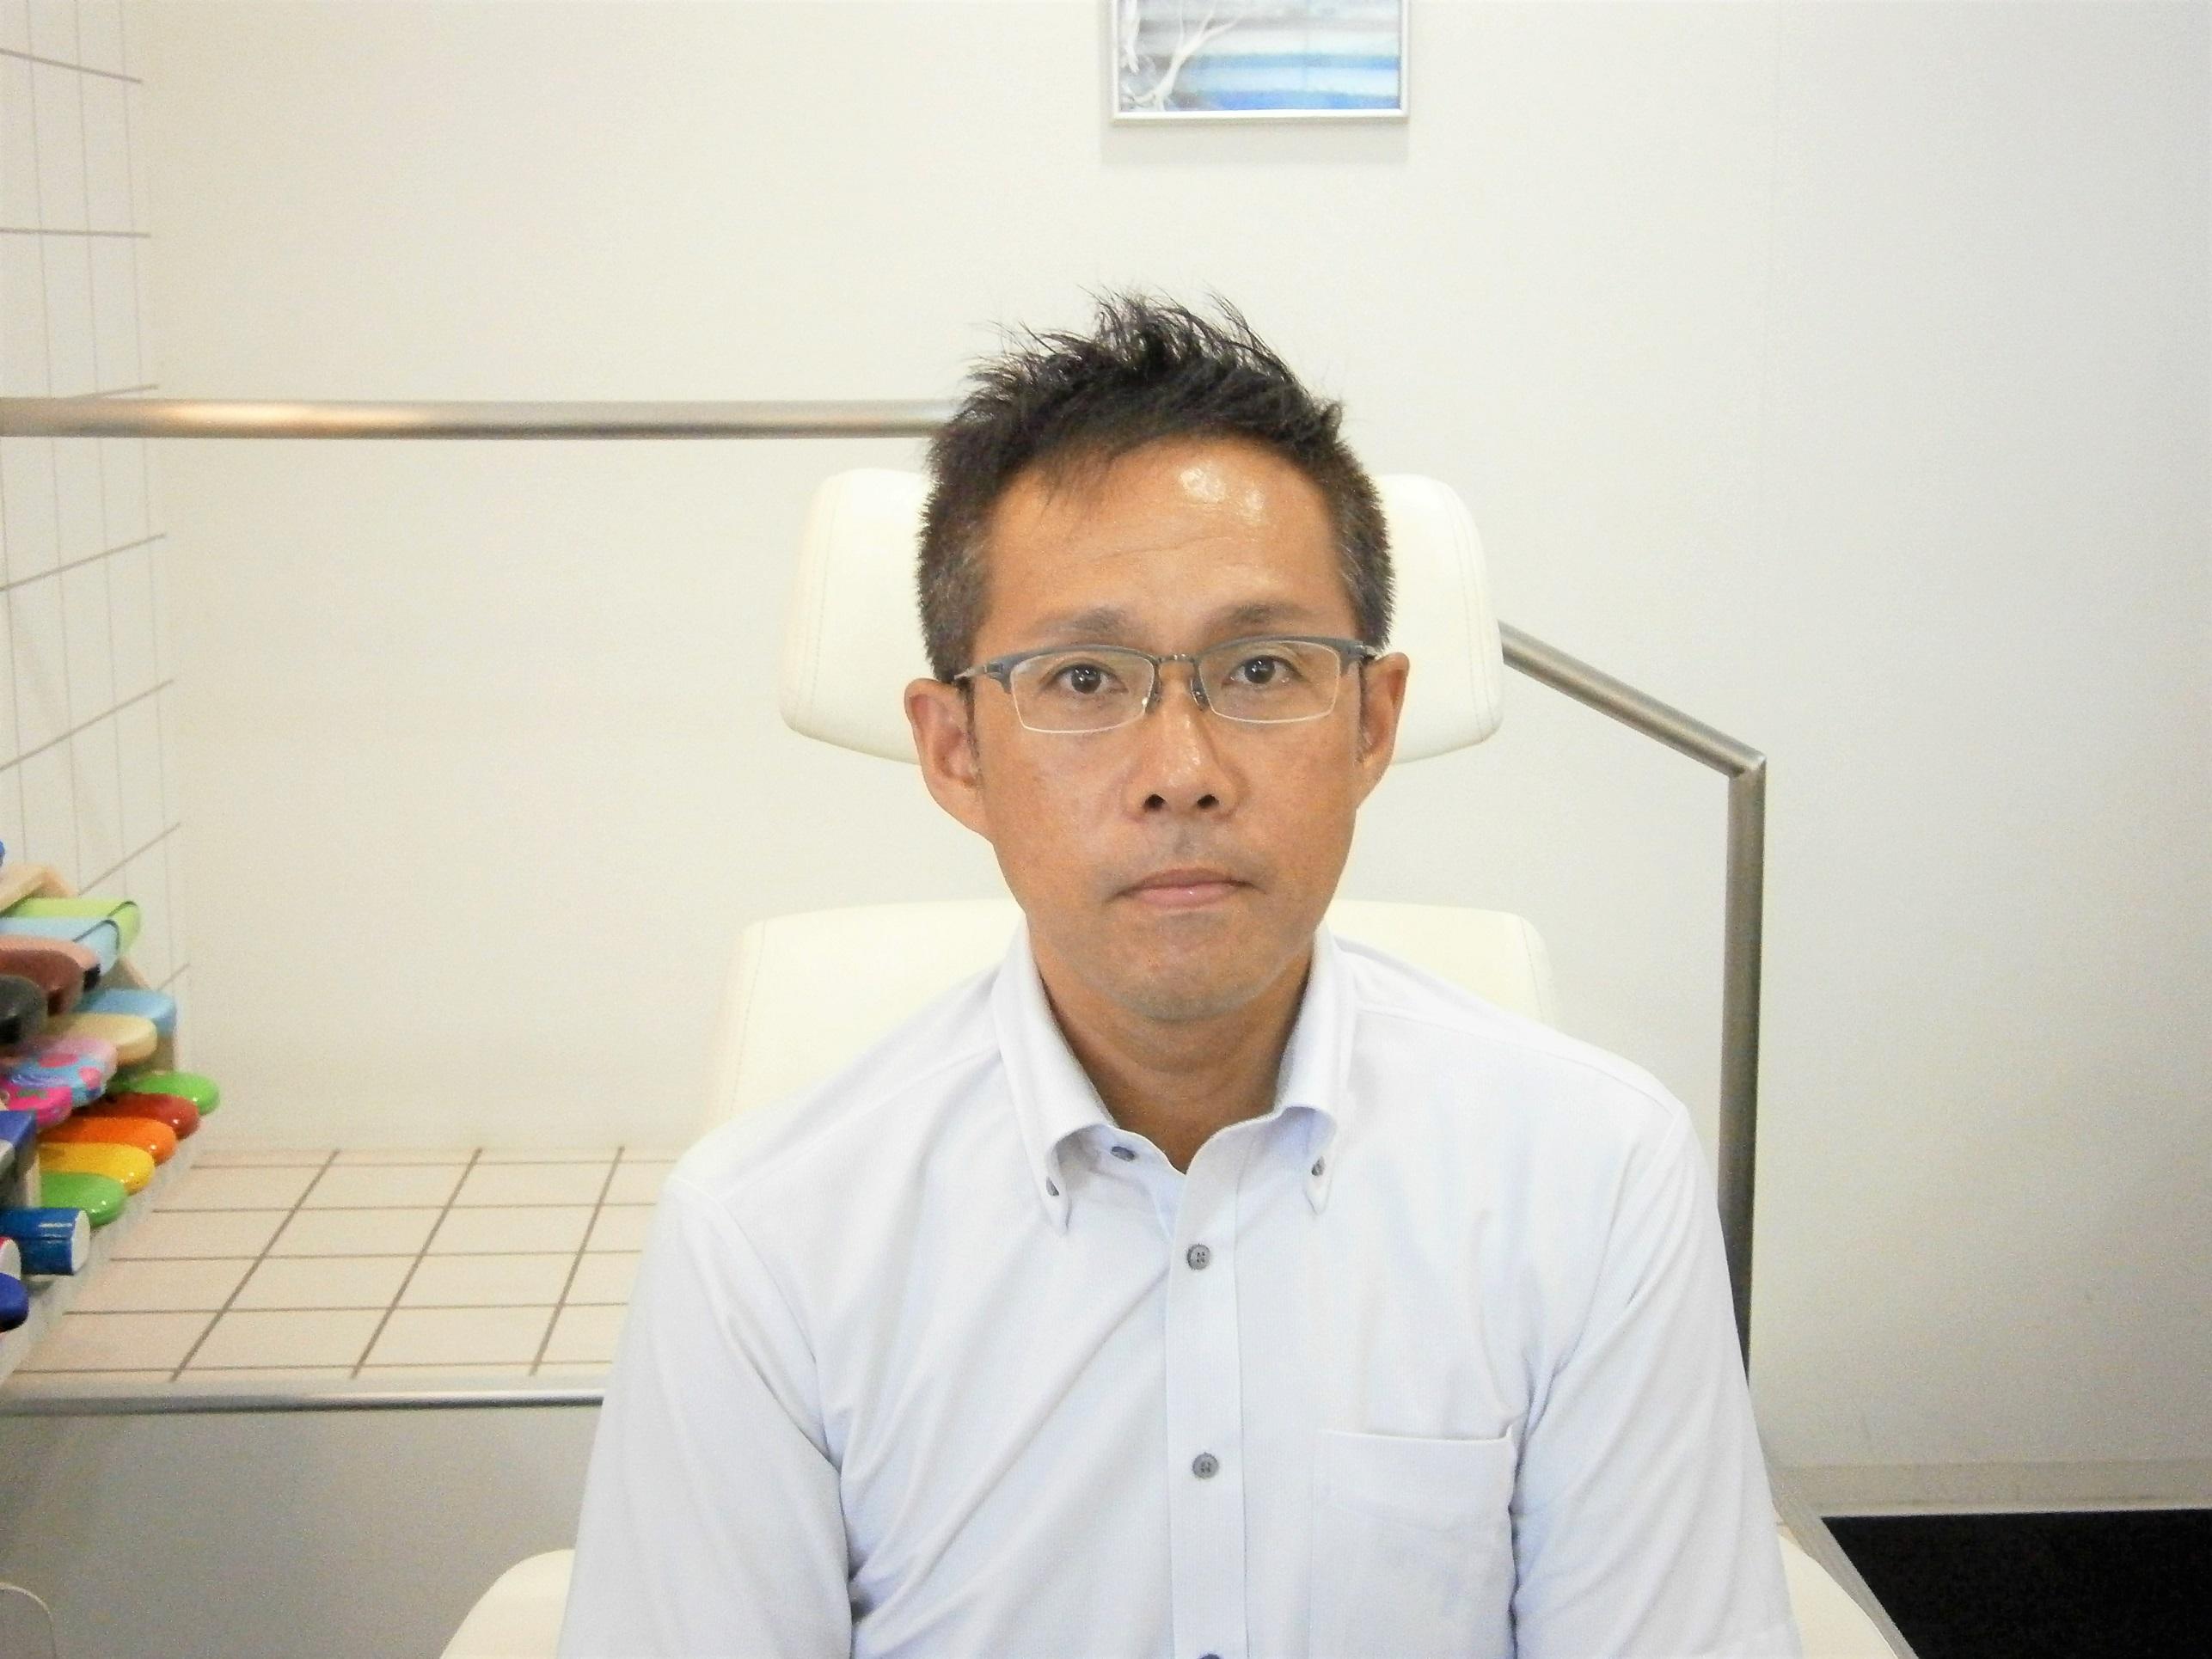 999.9 9999 人気のメガネ 江戸川